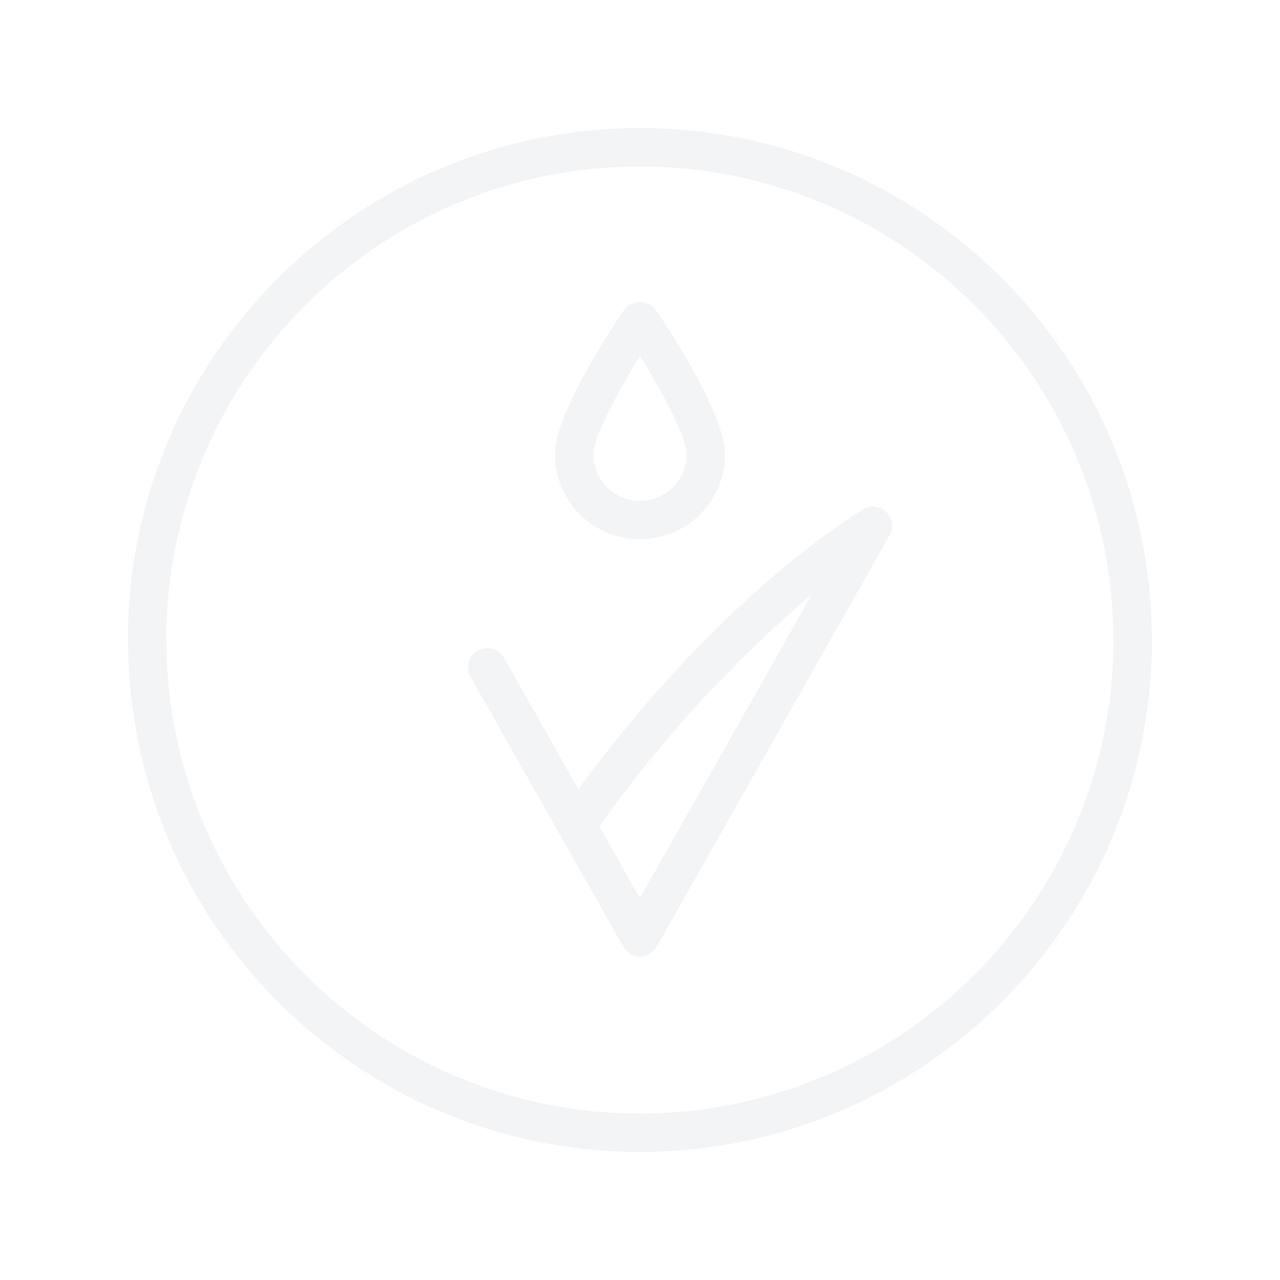 L'Oreal Color Riche Lipstick No.265 Rose Perle 3.6g